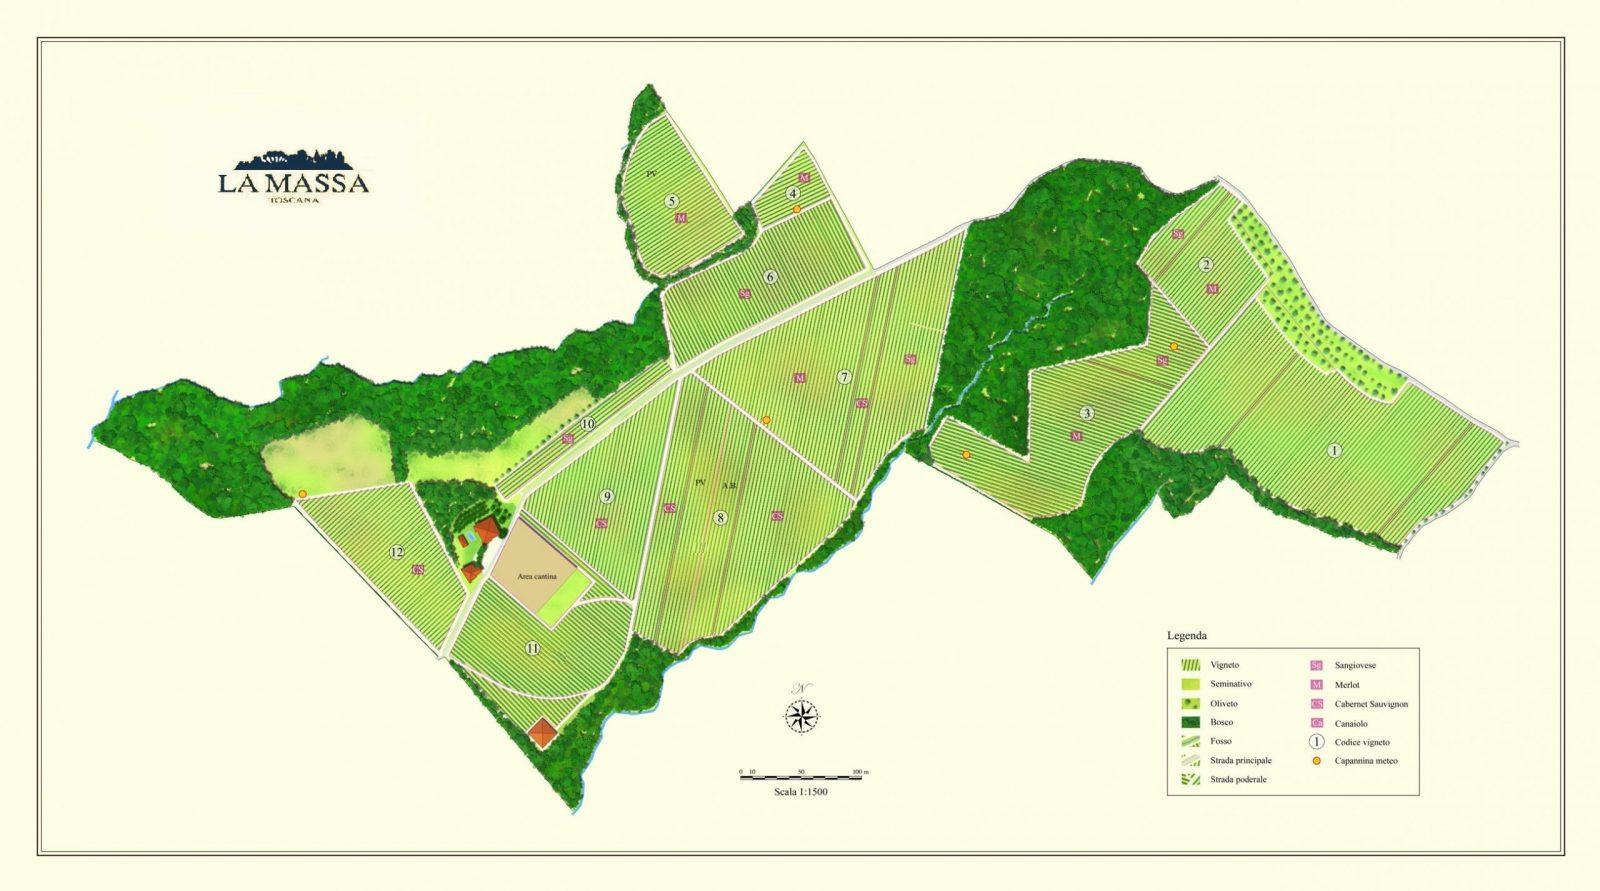 Mappa TLM prova